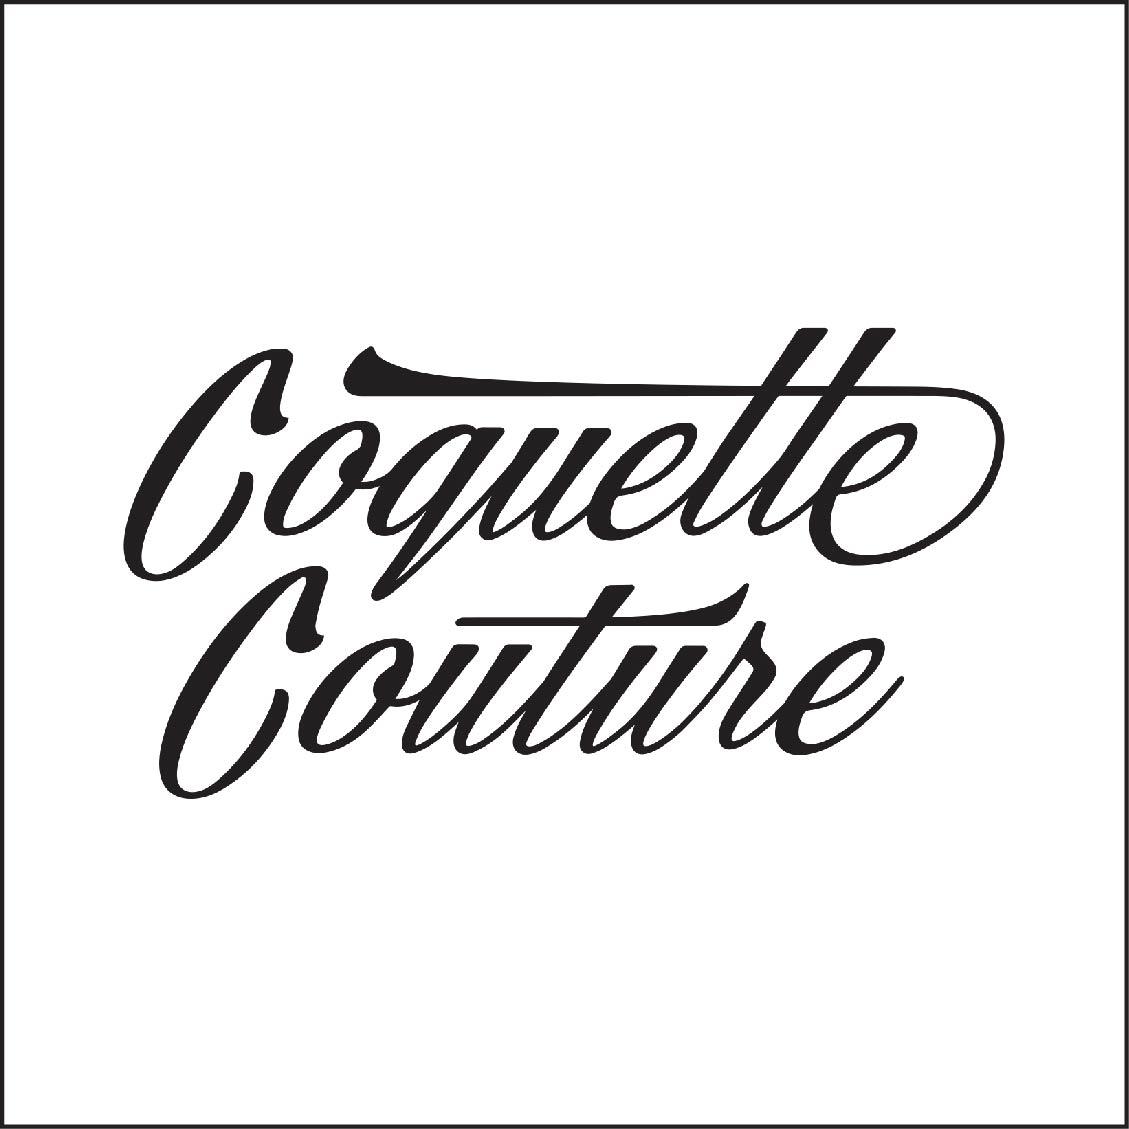 Coquette.jpg